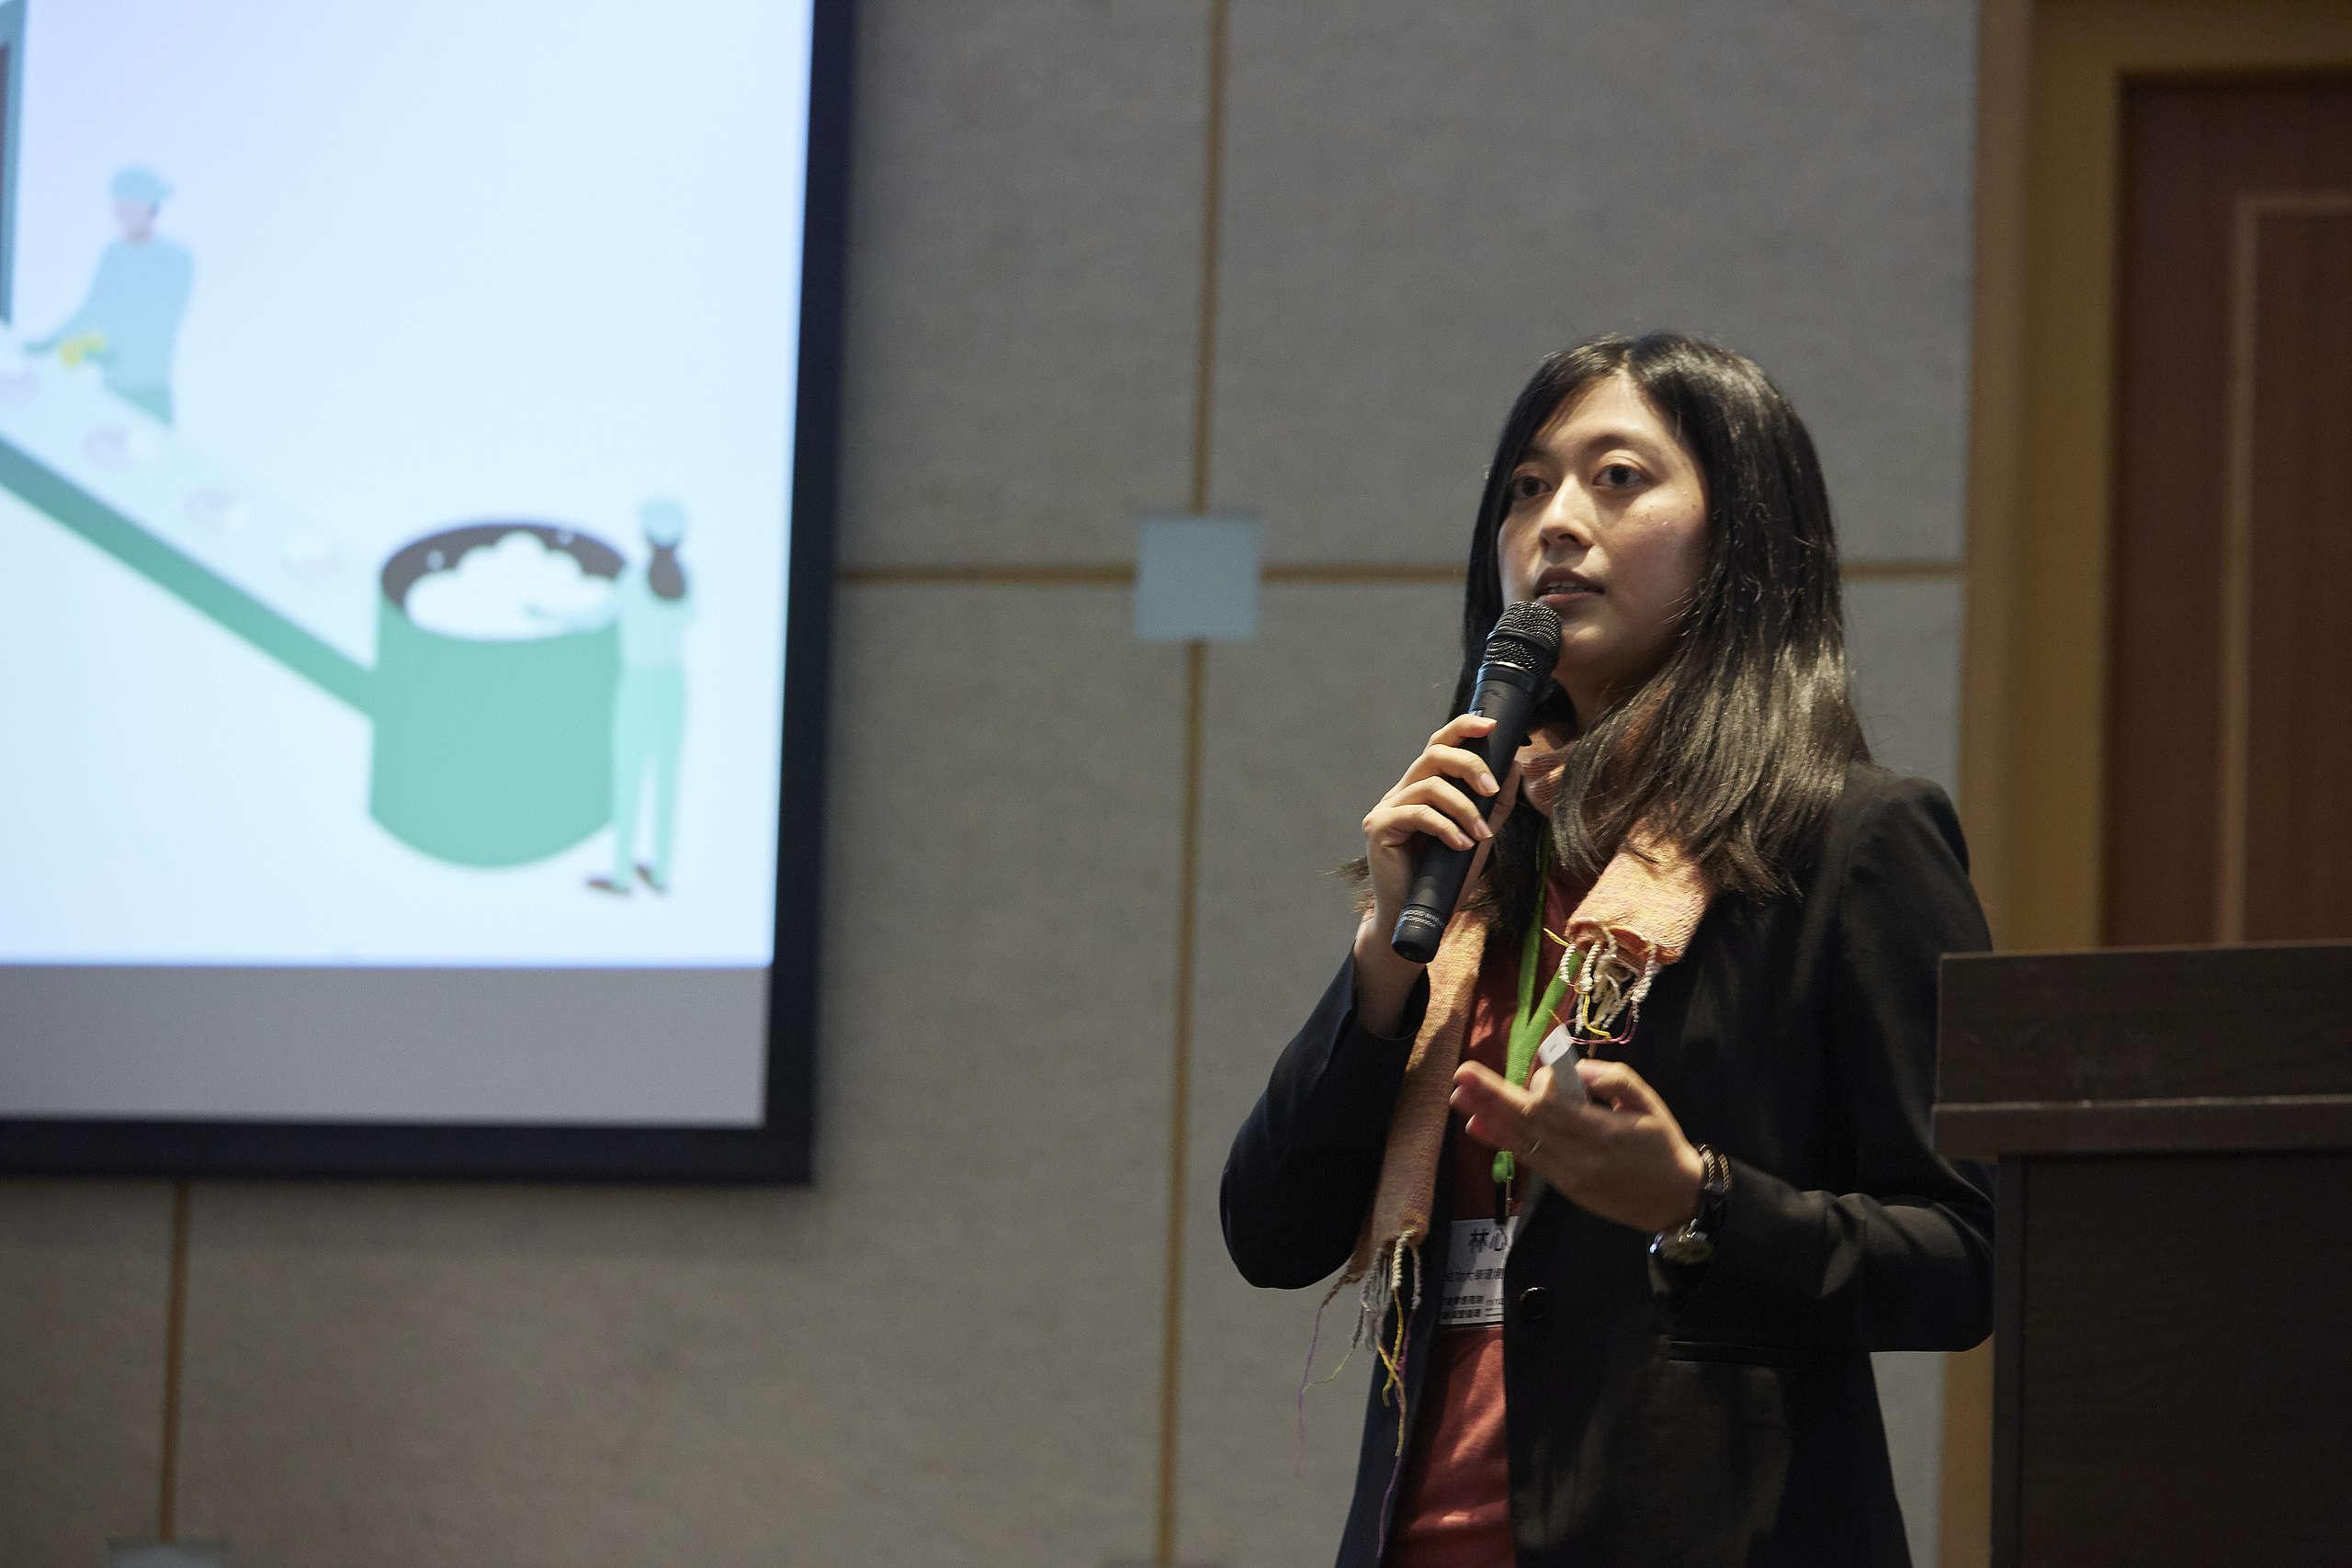 林心恬教授帶領成大環工研究團隊與綠色和平合作,調查位於臺北市和高雄市的全聯超市、統一超商門市包裝使用情形,發現光是這兩地的分店,一次性食品、飲料塑膠包裝使用量就高達 38,158 公噸。